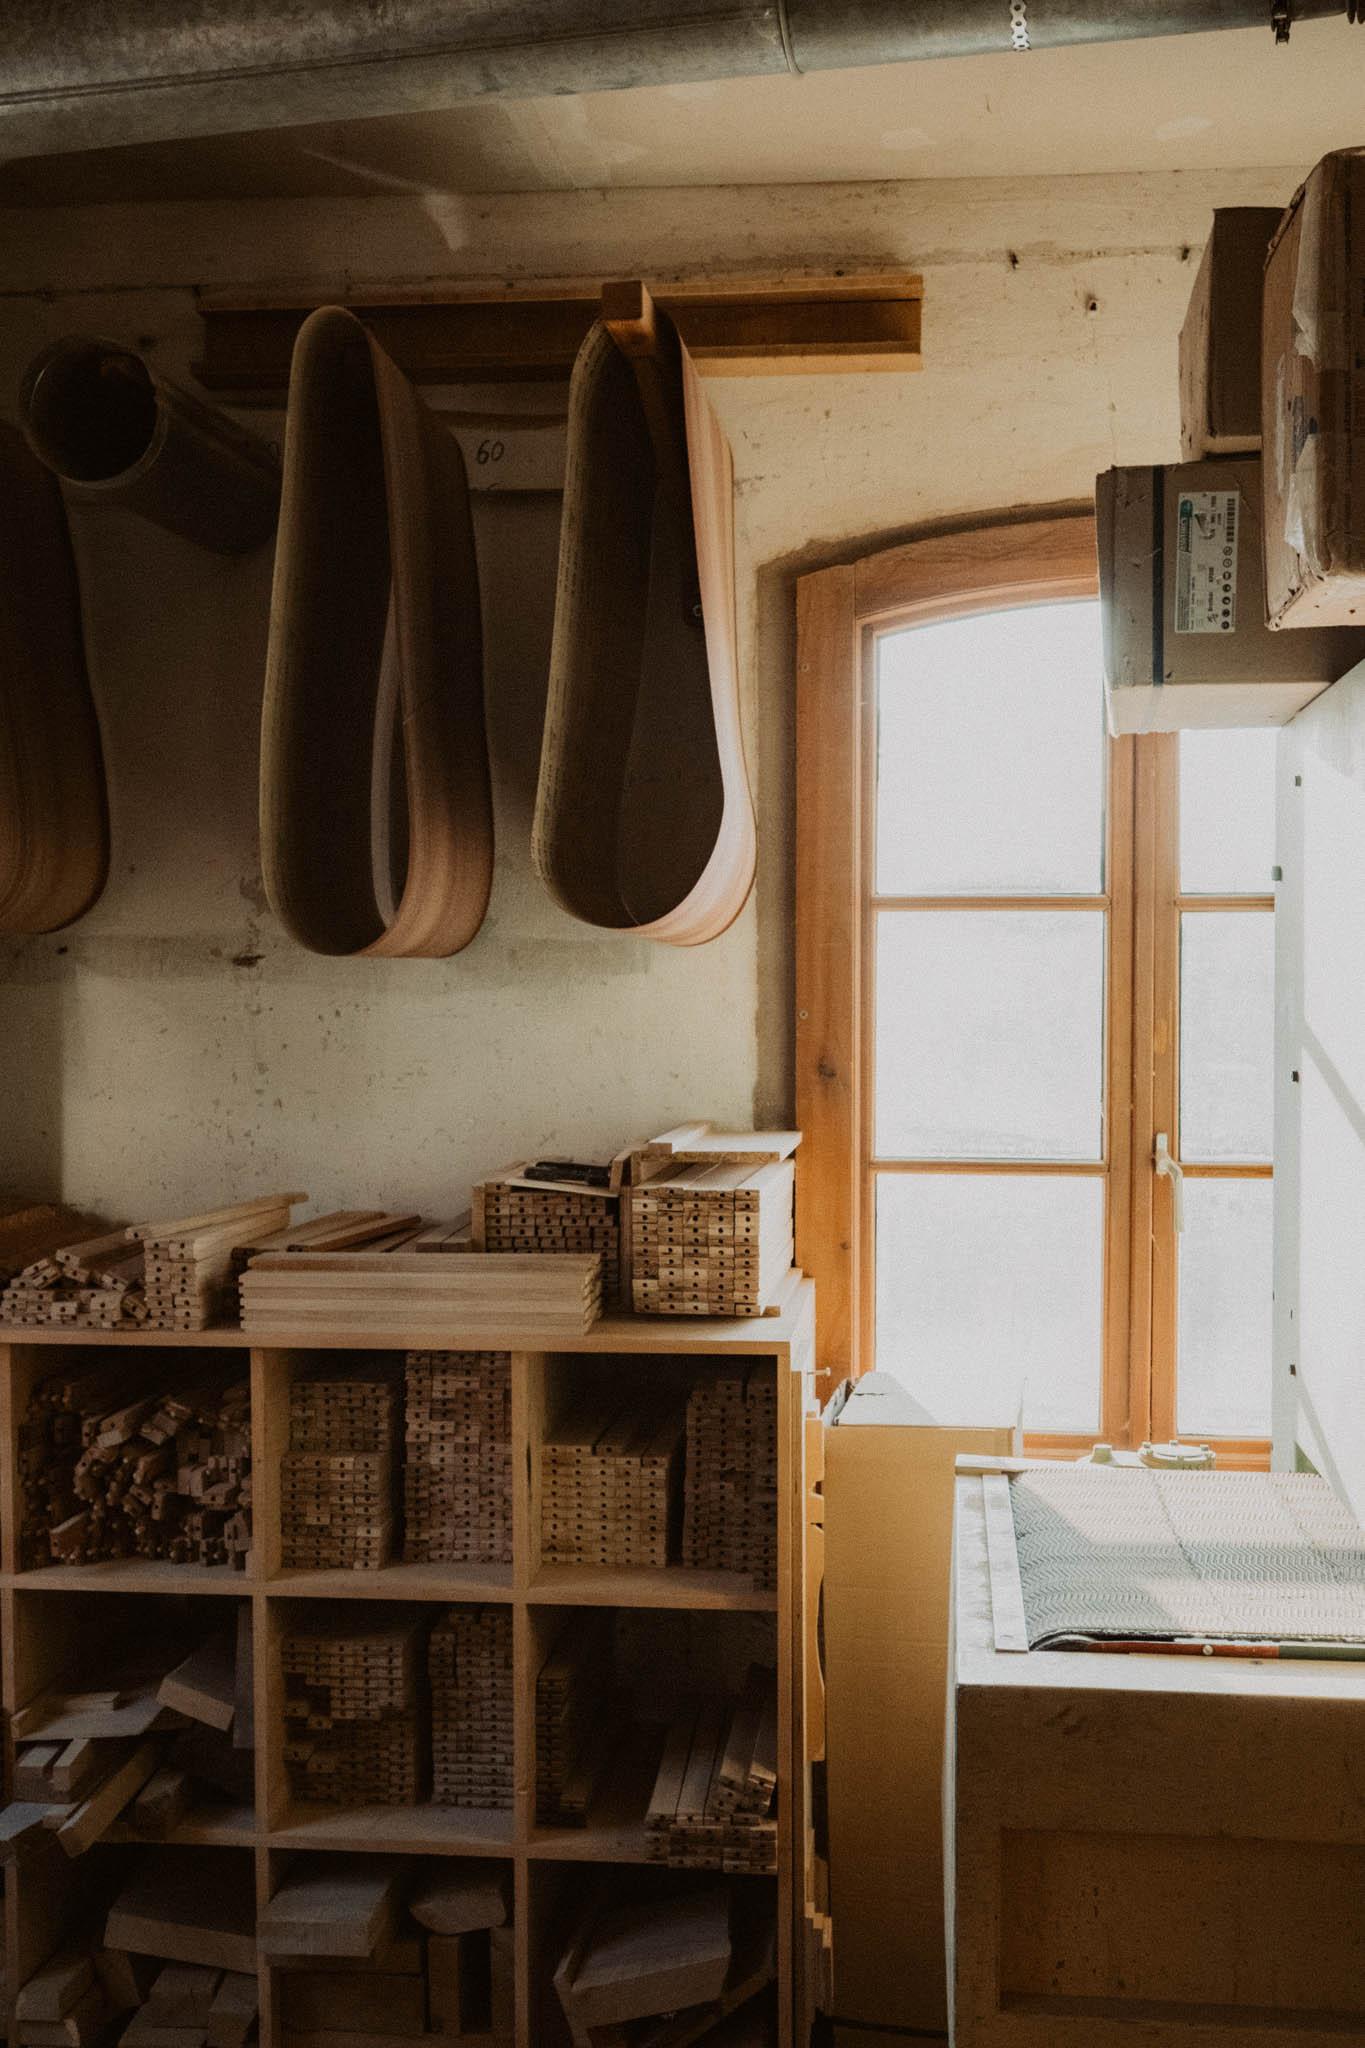 Tischlerei HolzWerk - feine moebel - Werkstatt Innenansicht Fenster